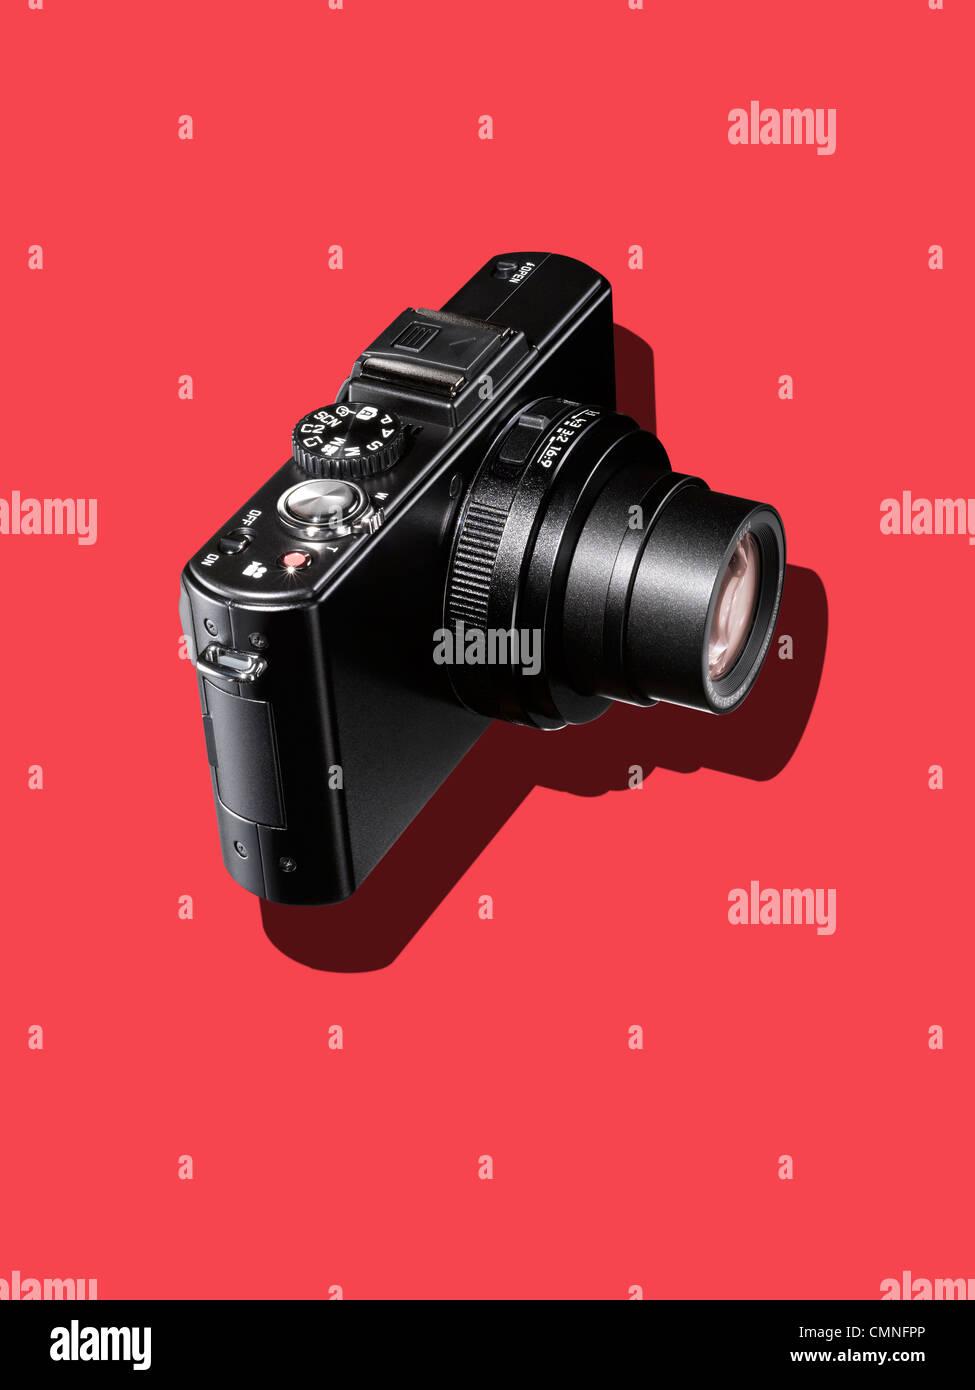 Una fotocamera nero su uno sfondo rosso Immagini Stock